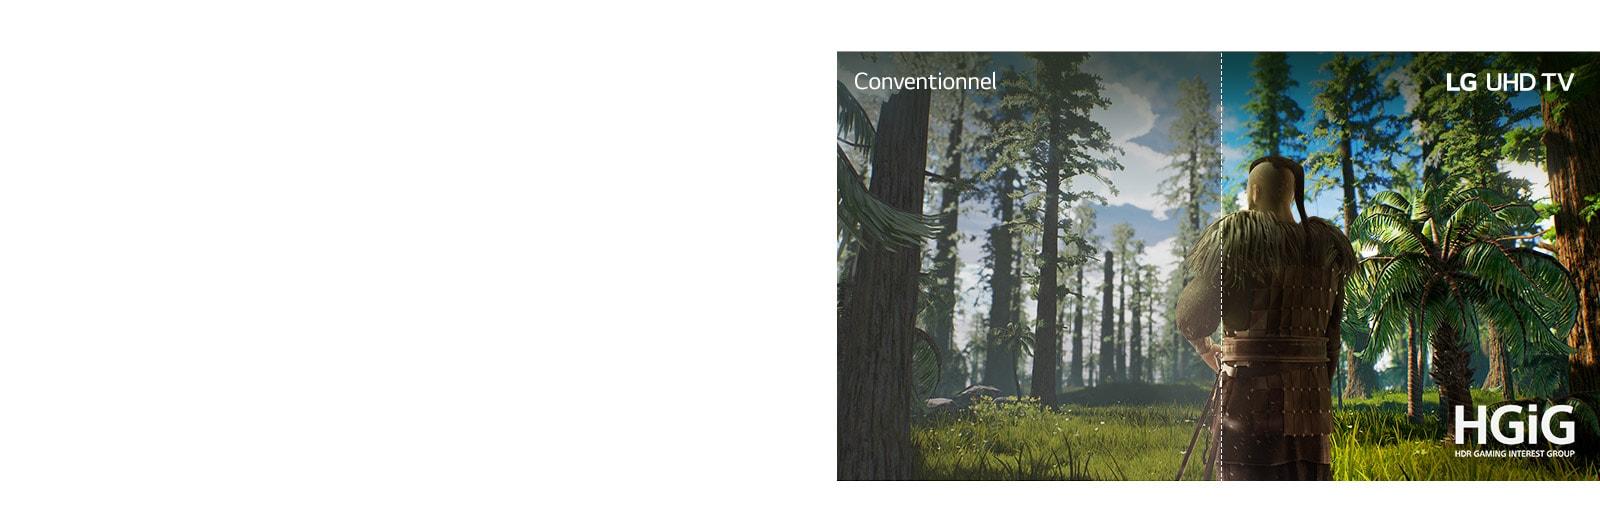 Écran de téléviseur montrant une scène de jeu avec un homme se tenant en pleine forêt. Une moitié de l'image est présentée sur un écran conventionnel avec une qualité d'image médiocre. L'autre moitié est présentée sur un écran de téléviseur UHD LG avec une qualité d'image lumineuse et réaliste.